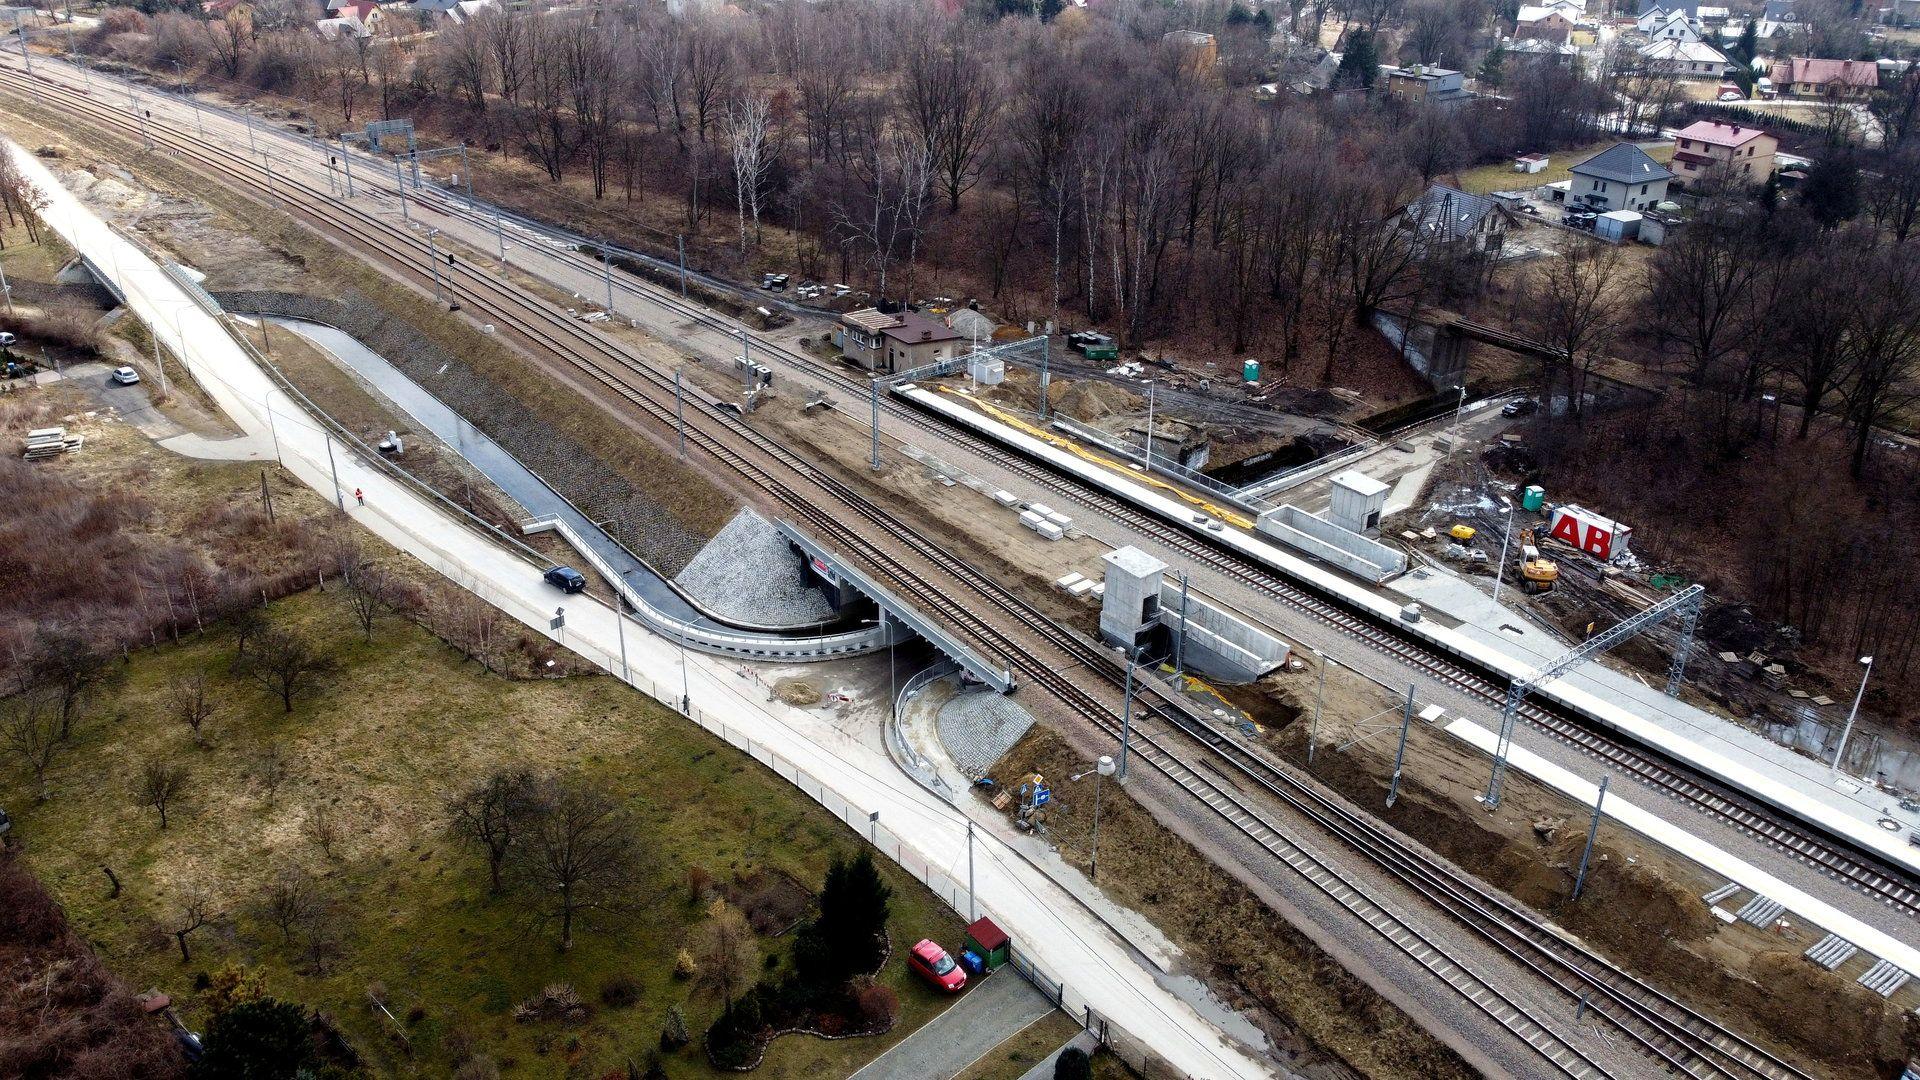 W Krakowie powstaje nowy przystanek kolejowy Złocień i nowy most nad rzeką Serafą